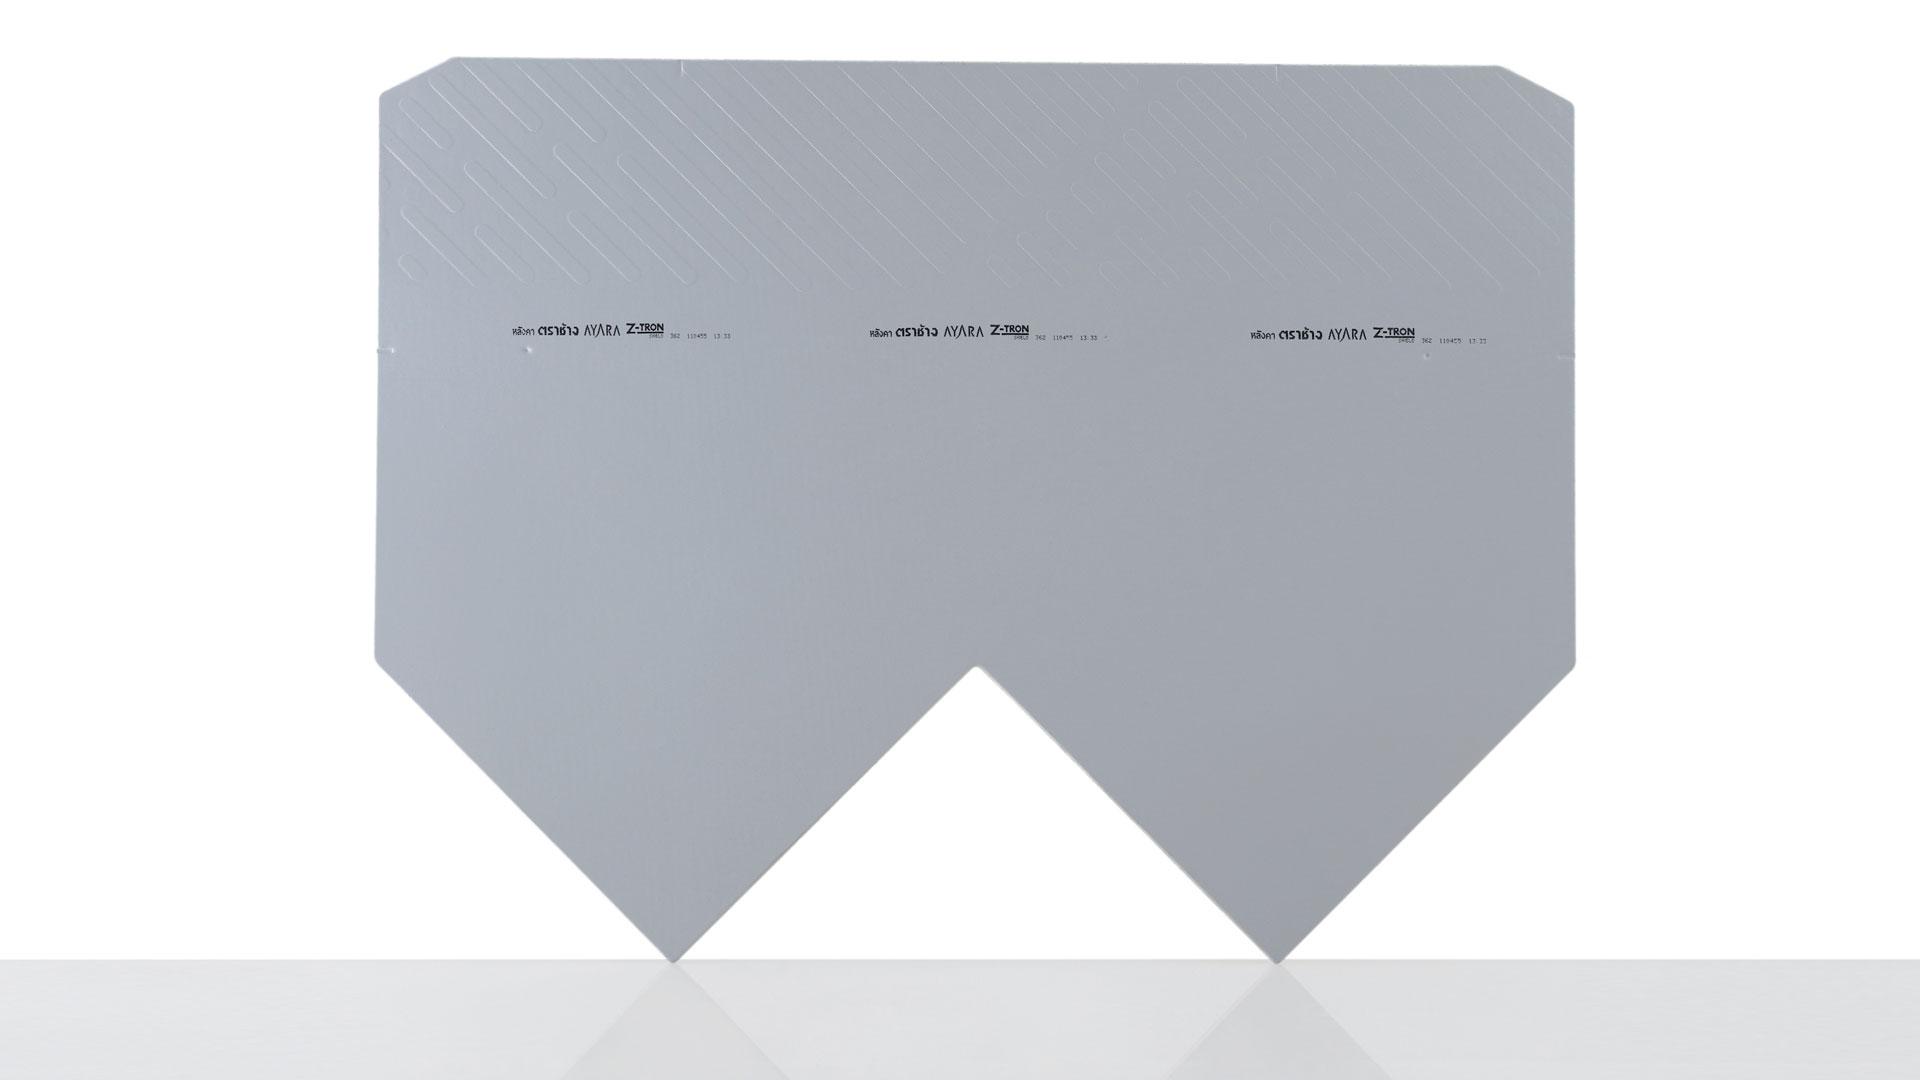 scg-roof-tile-ayara-classic-coral-grey-packshot-01.jpg